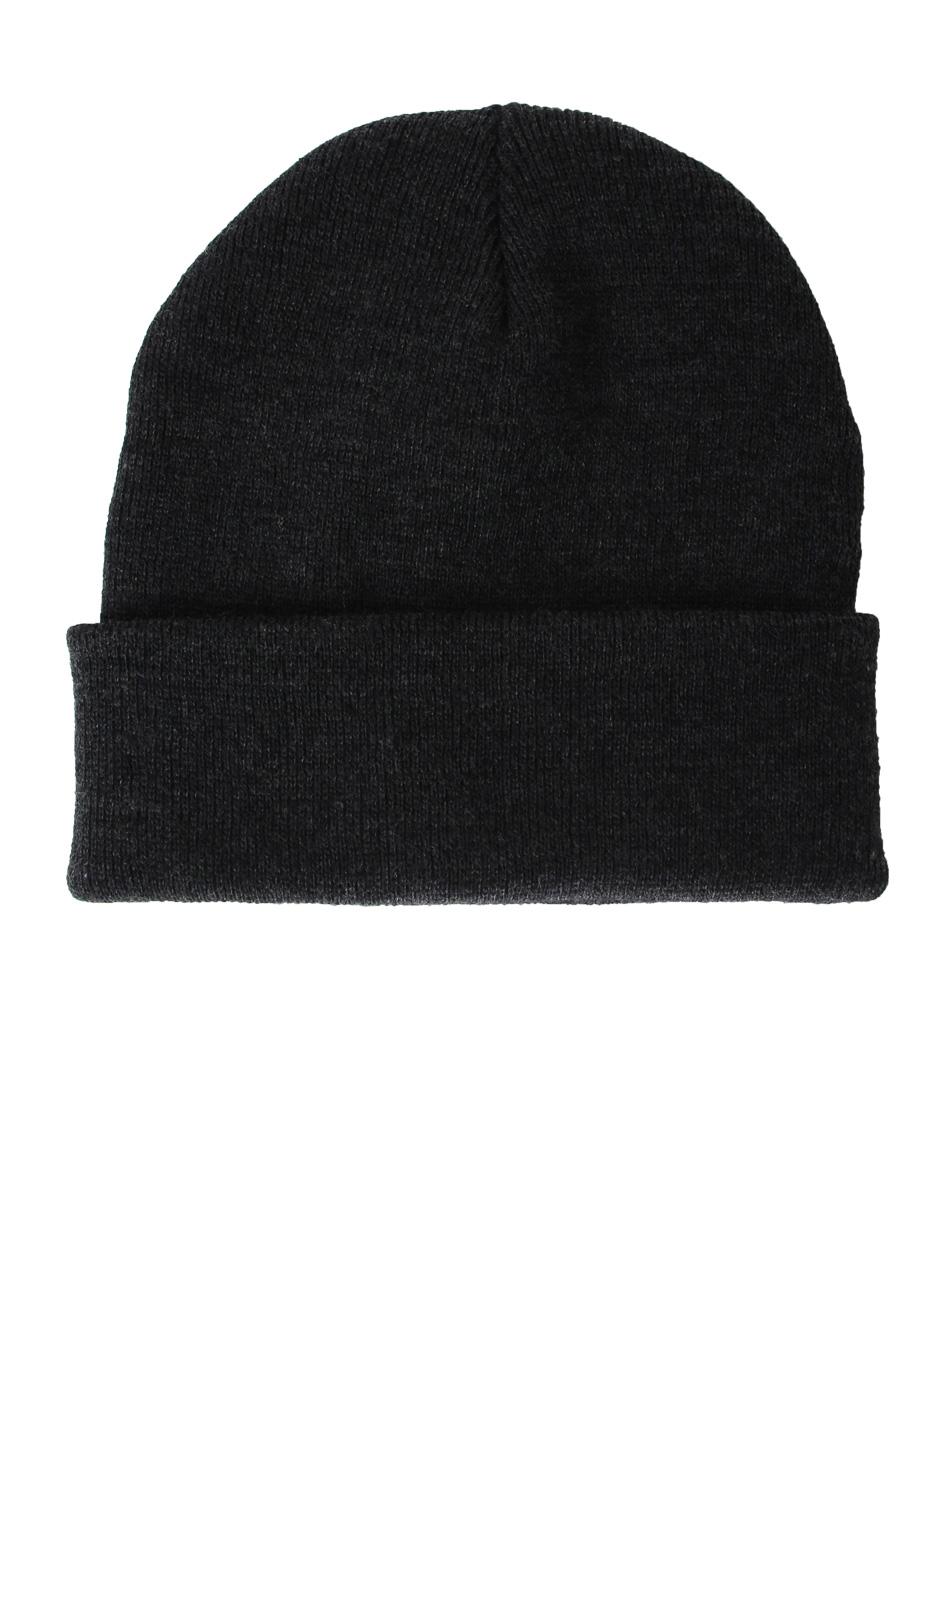 Zimní čepice Herman BASIC 4100 ANTHRACITE